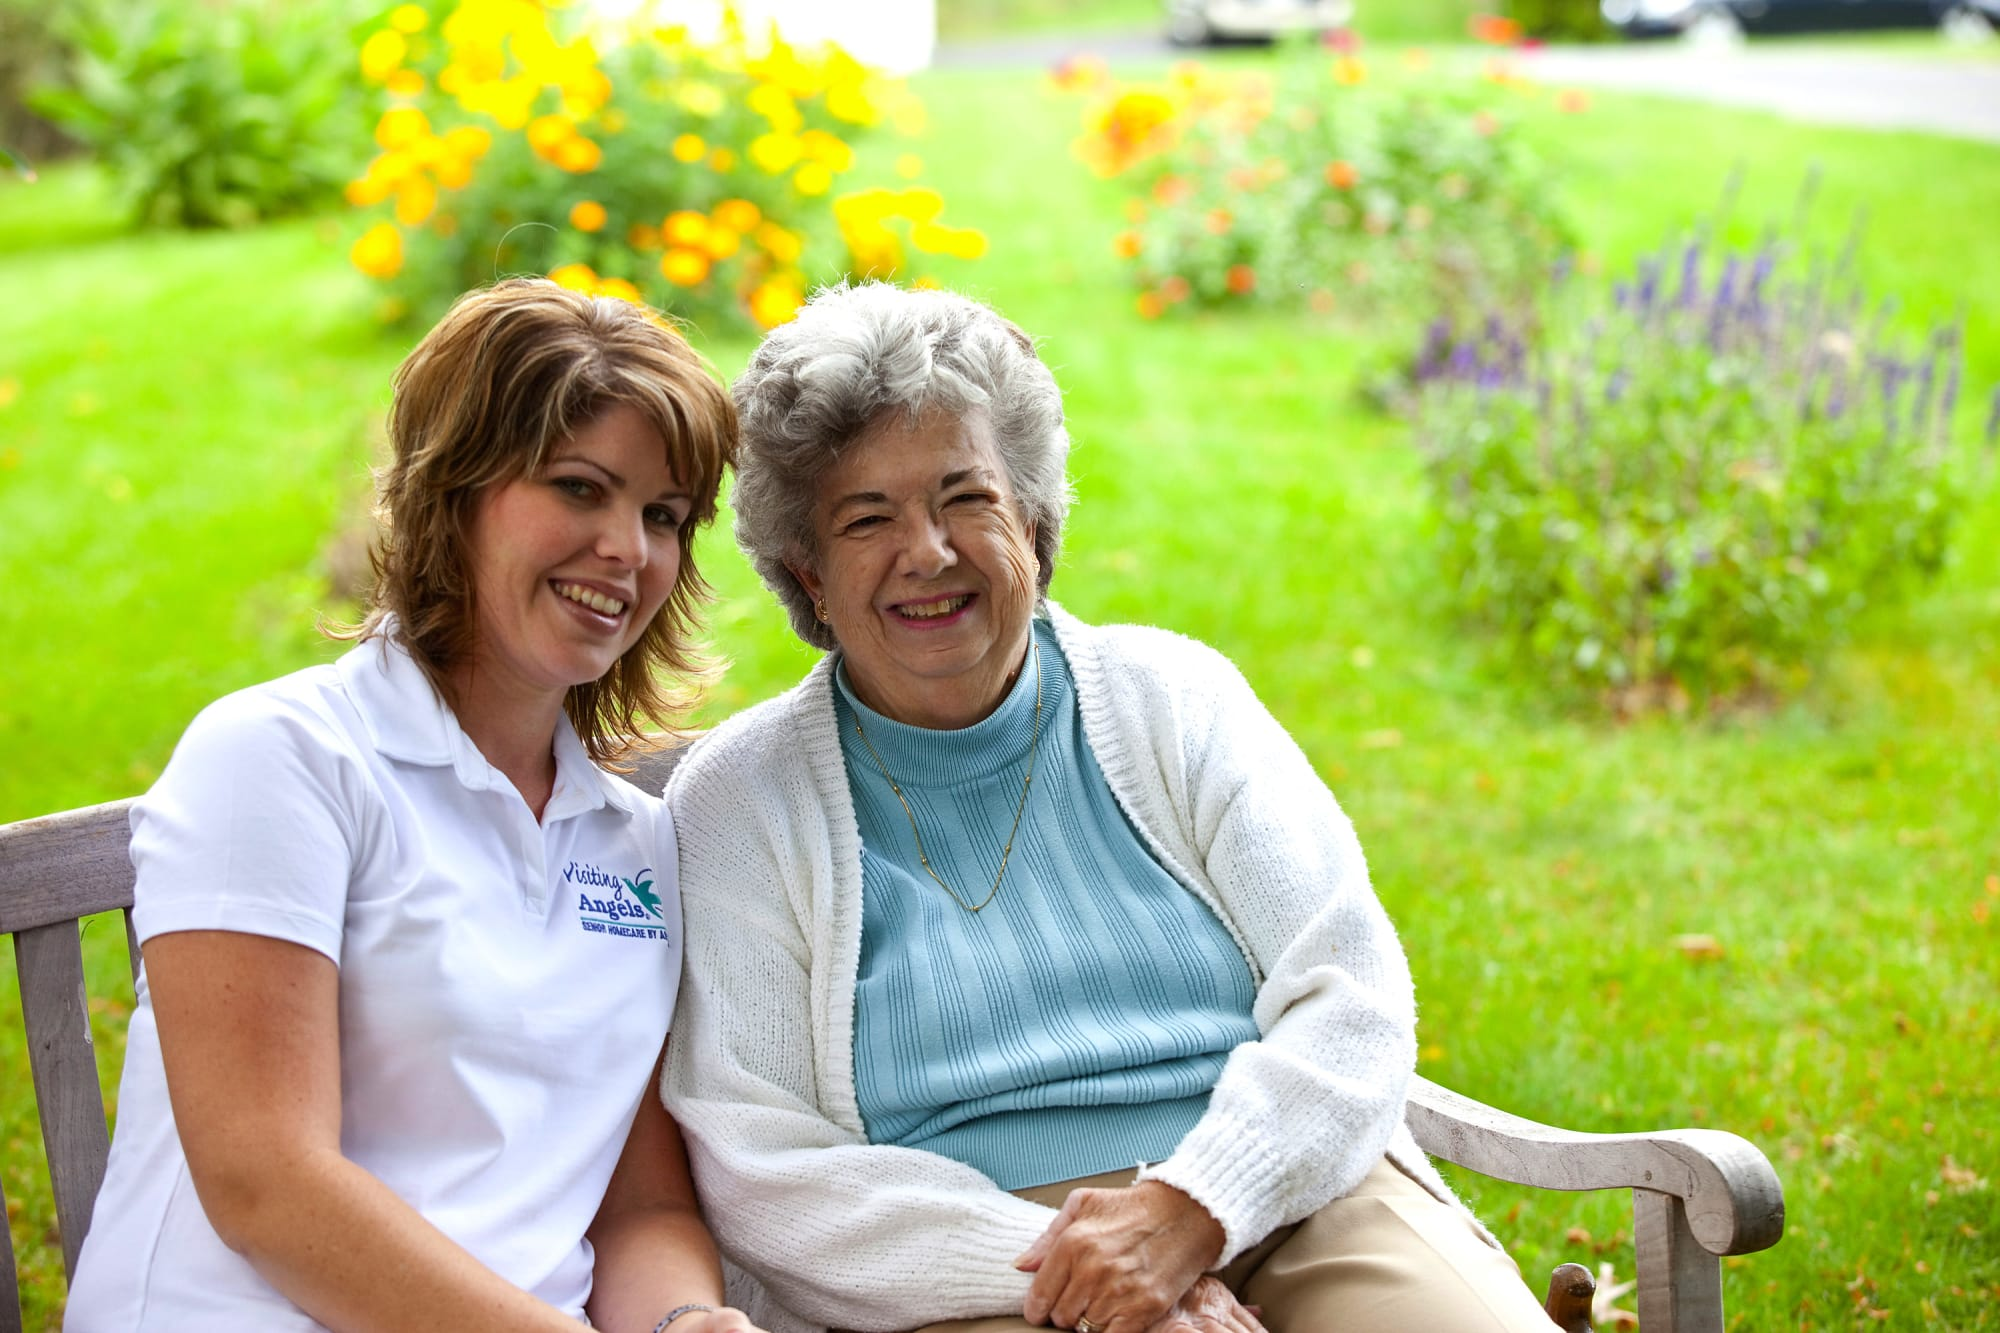 Visiting Angels Franchisee and Senior